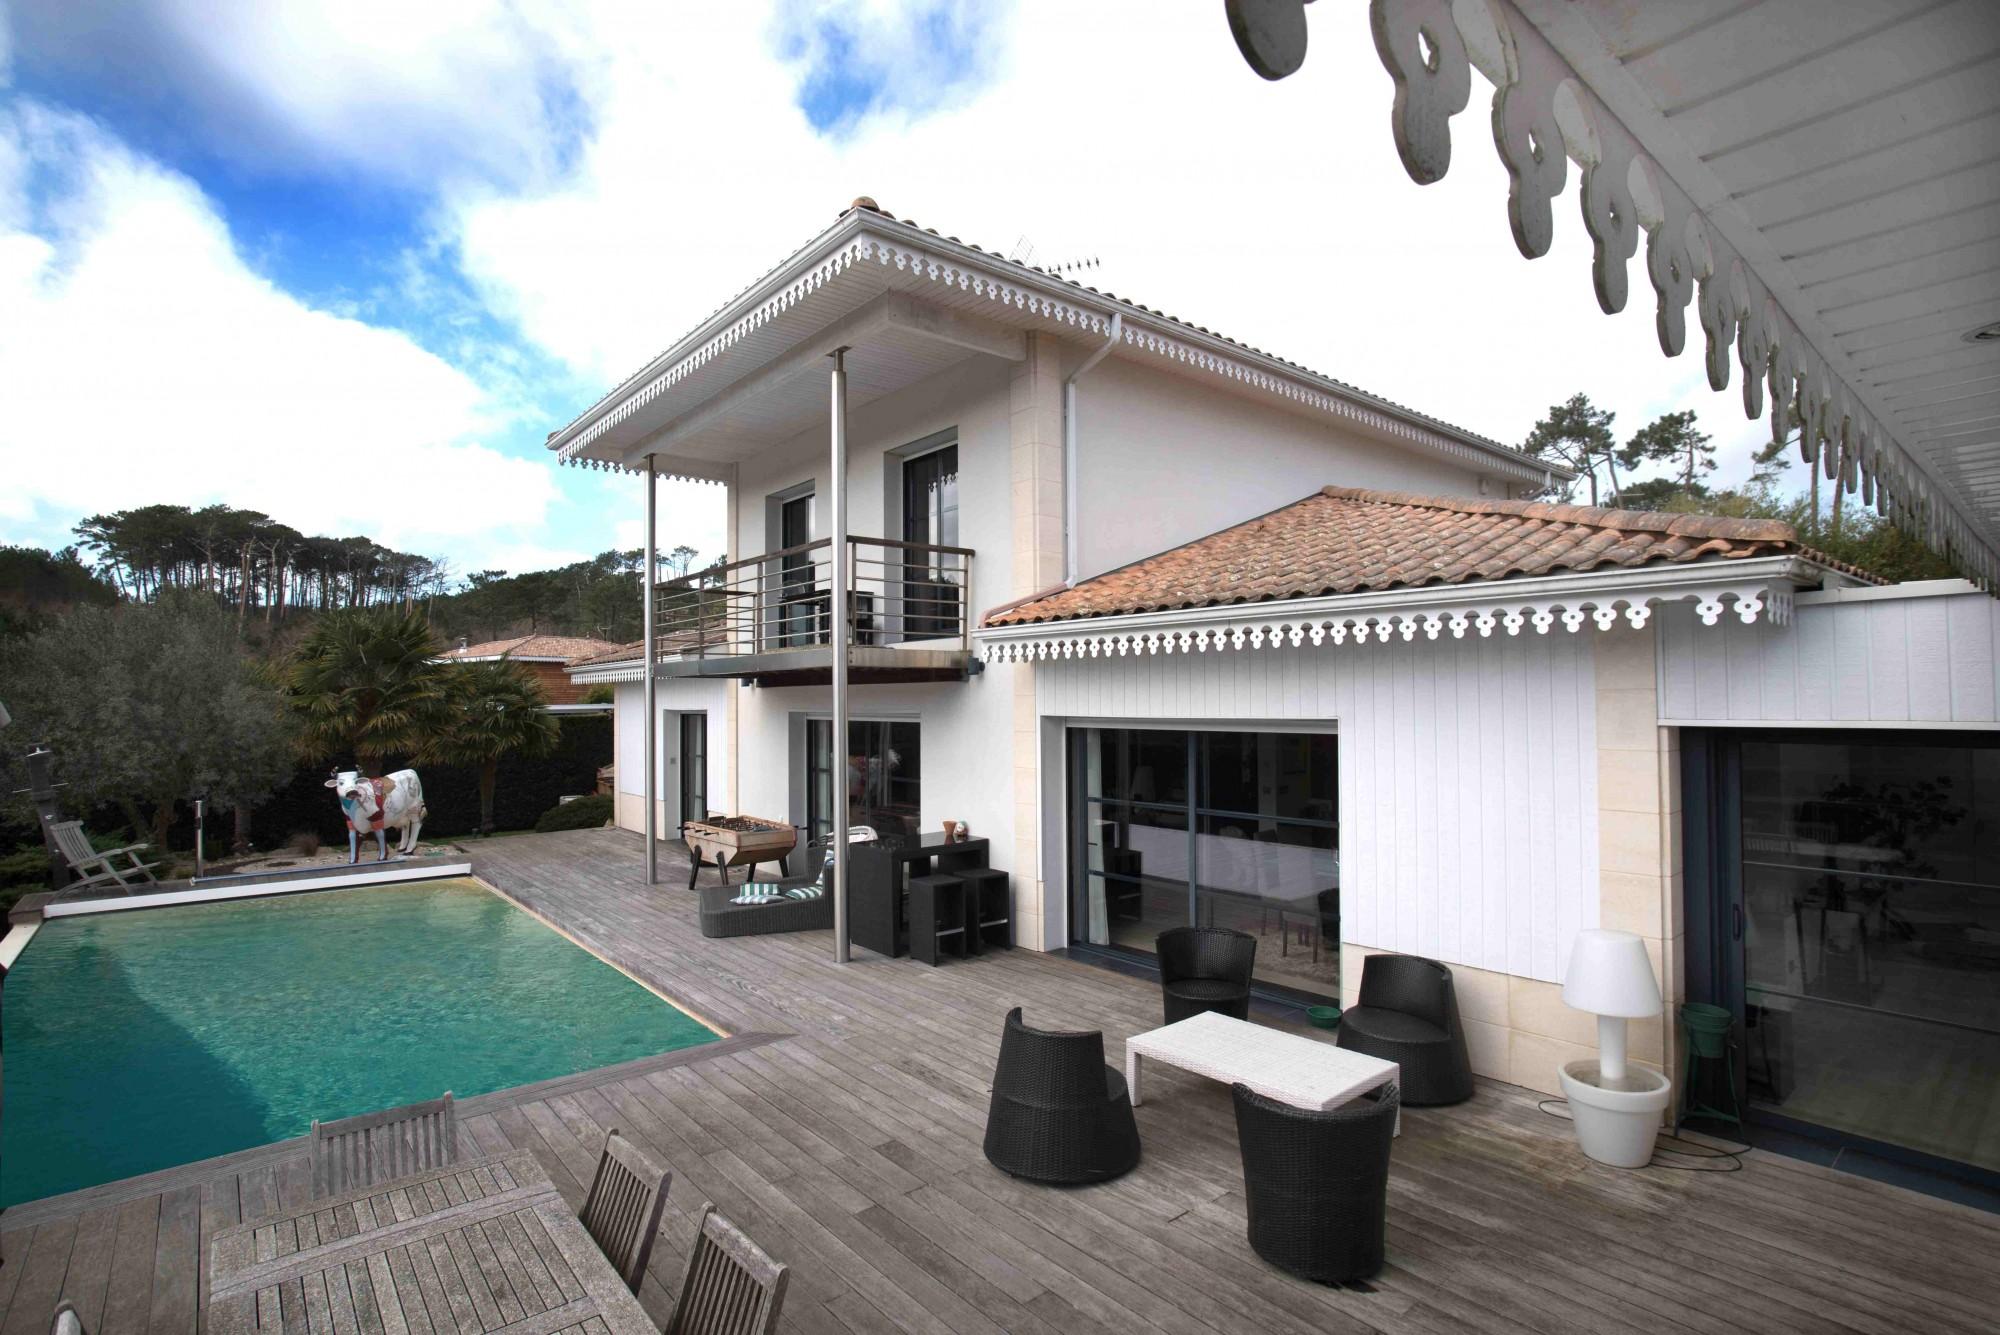 Proche pyla belle villa contemporaine avec piscine barnes bassin d 39 arca - Belle villa avec piscine ...